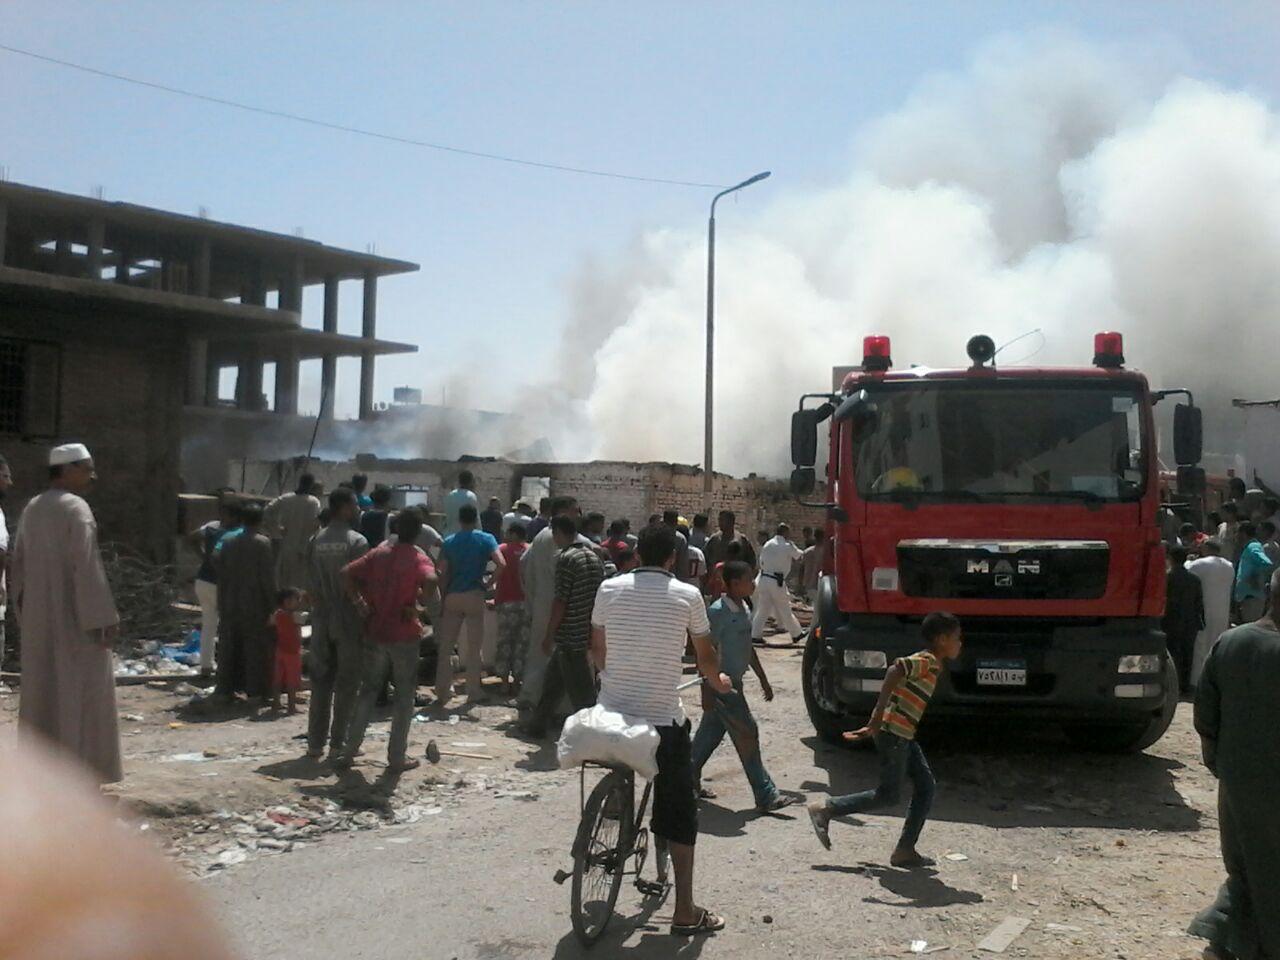 بالصور.. اندلاع حريق في مخزن خردة بالغردقة.. والنيران تأكل أغلب محتوياته